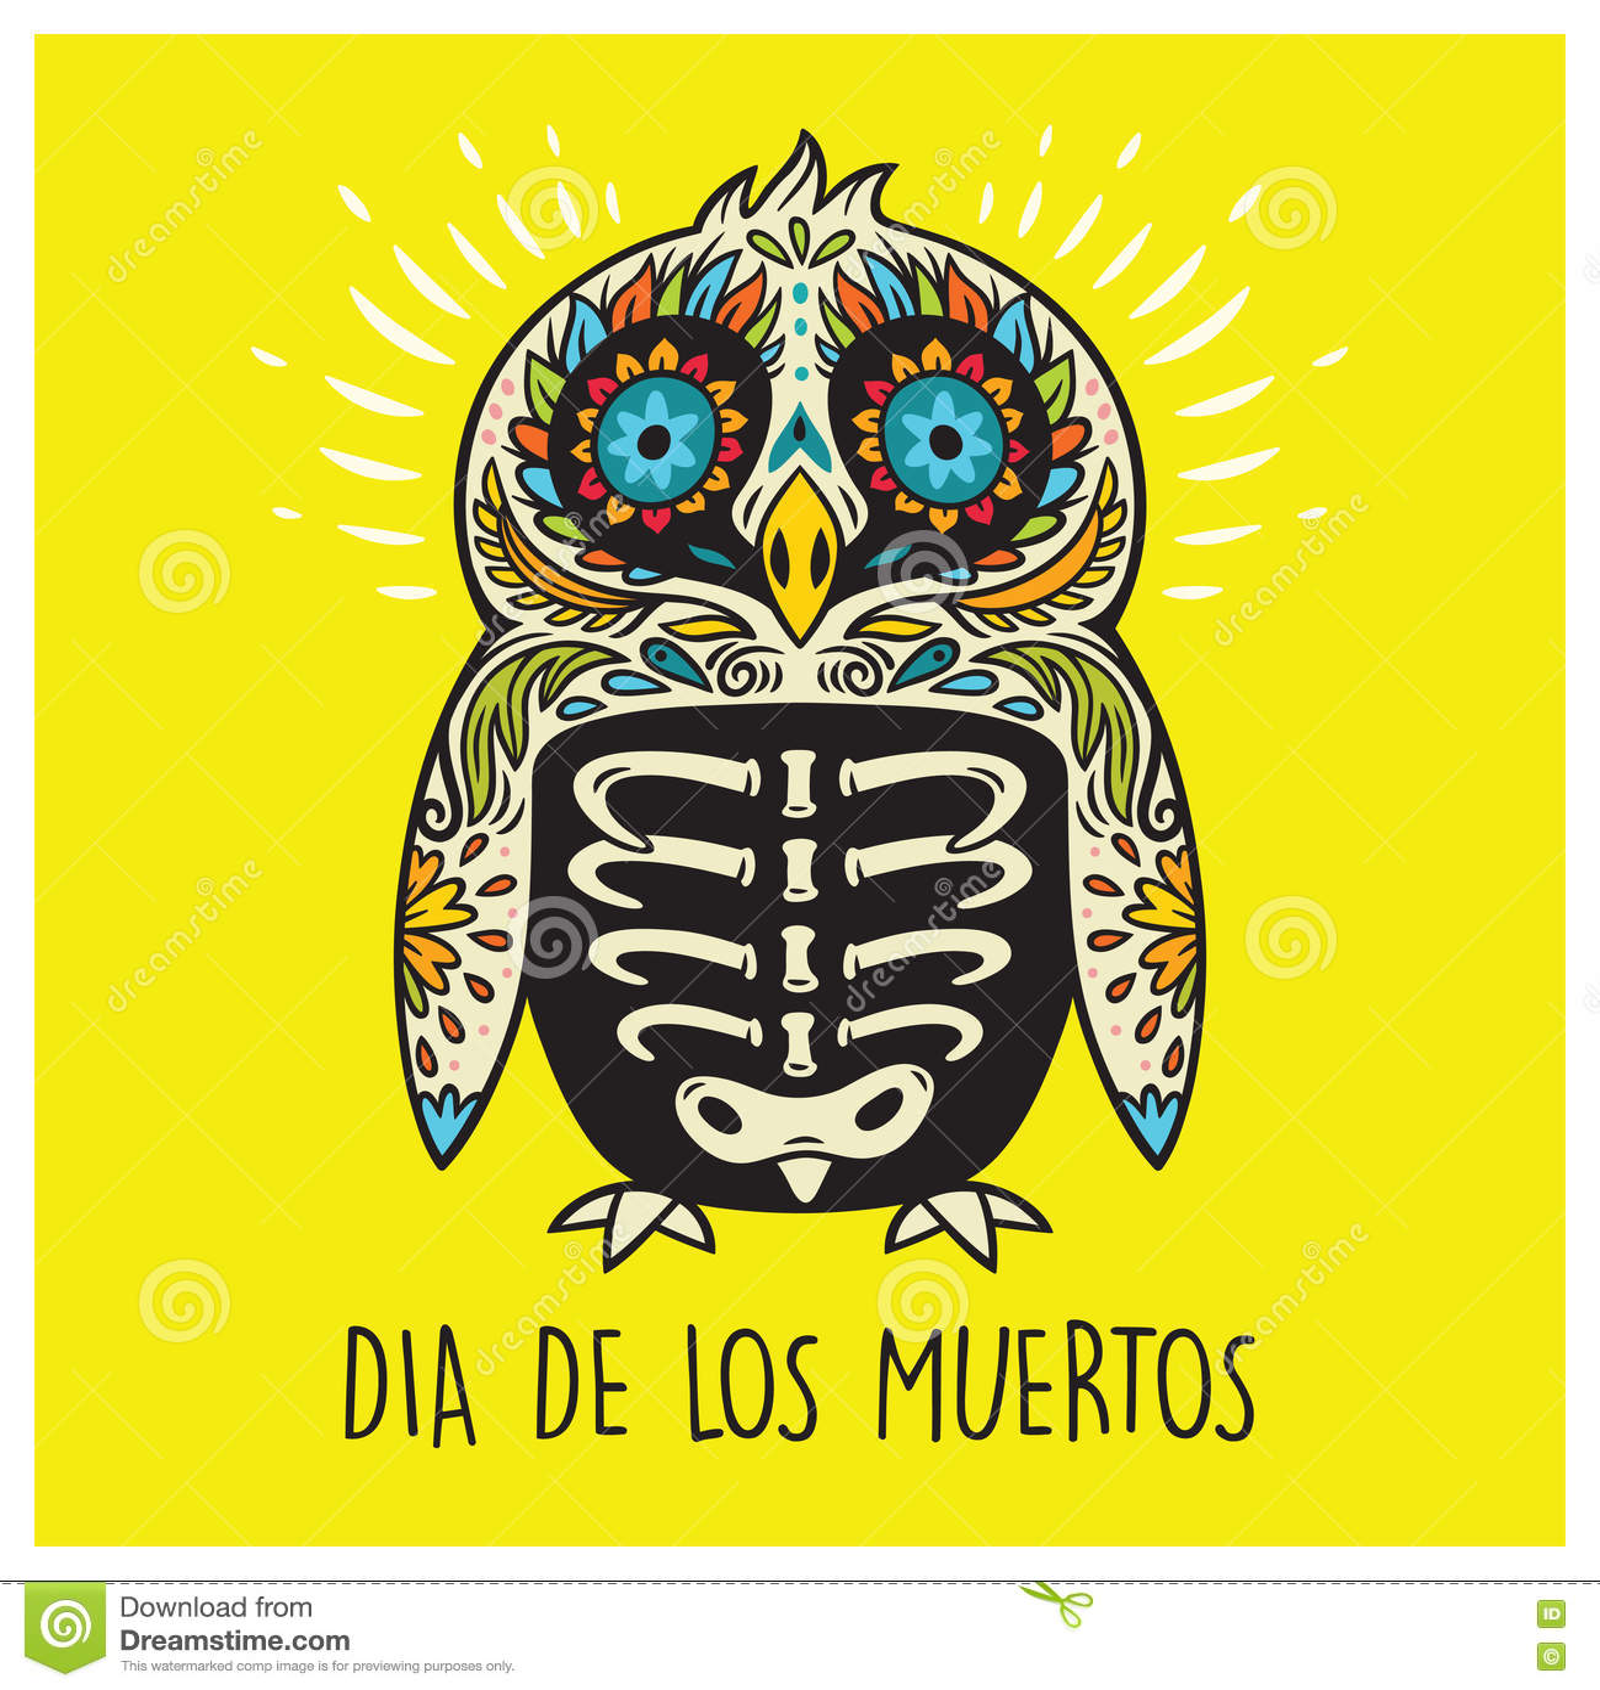 Dia de los muertos greeting card with sugar skull penguin stock download dia de los muertos greeting card with sugar skull penguin stock vector illustration m4hsunfo